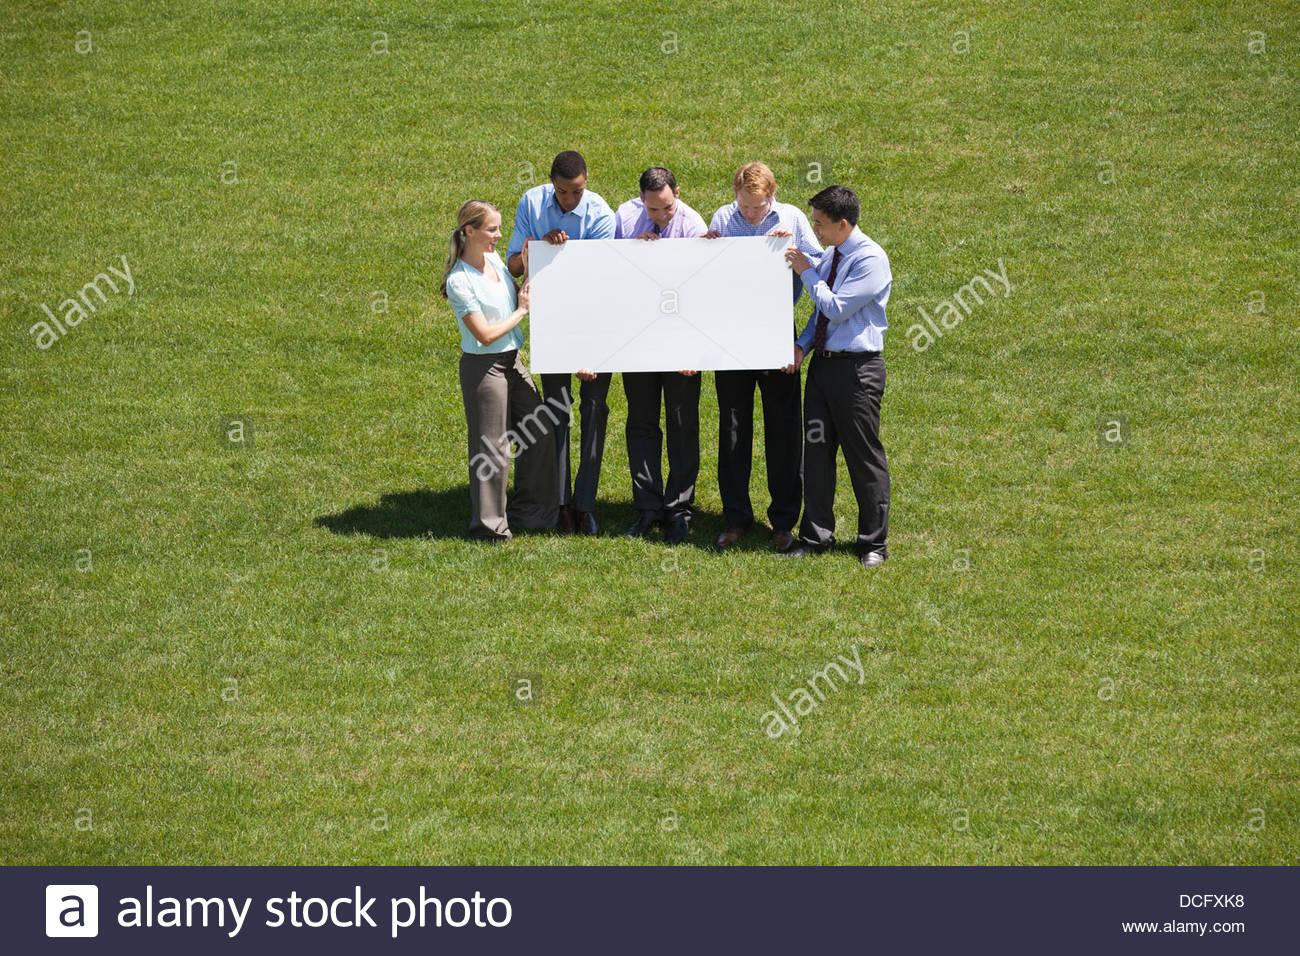 Groupe de gens d'affaires affichant signer ensemble vide Photo Stock